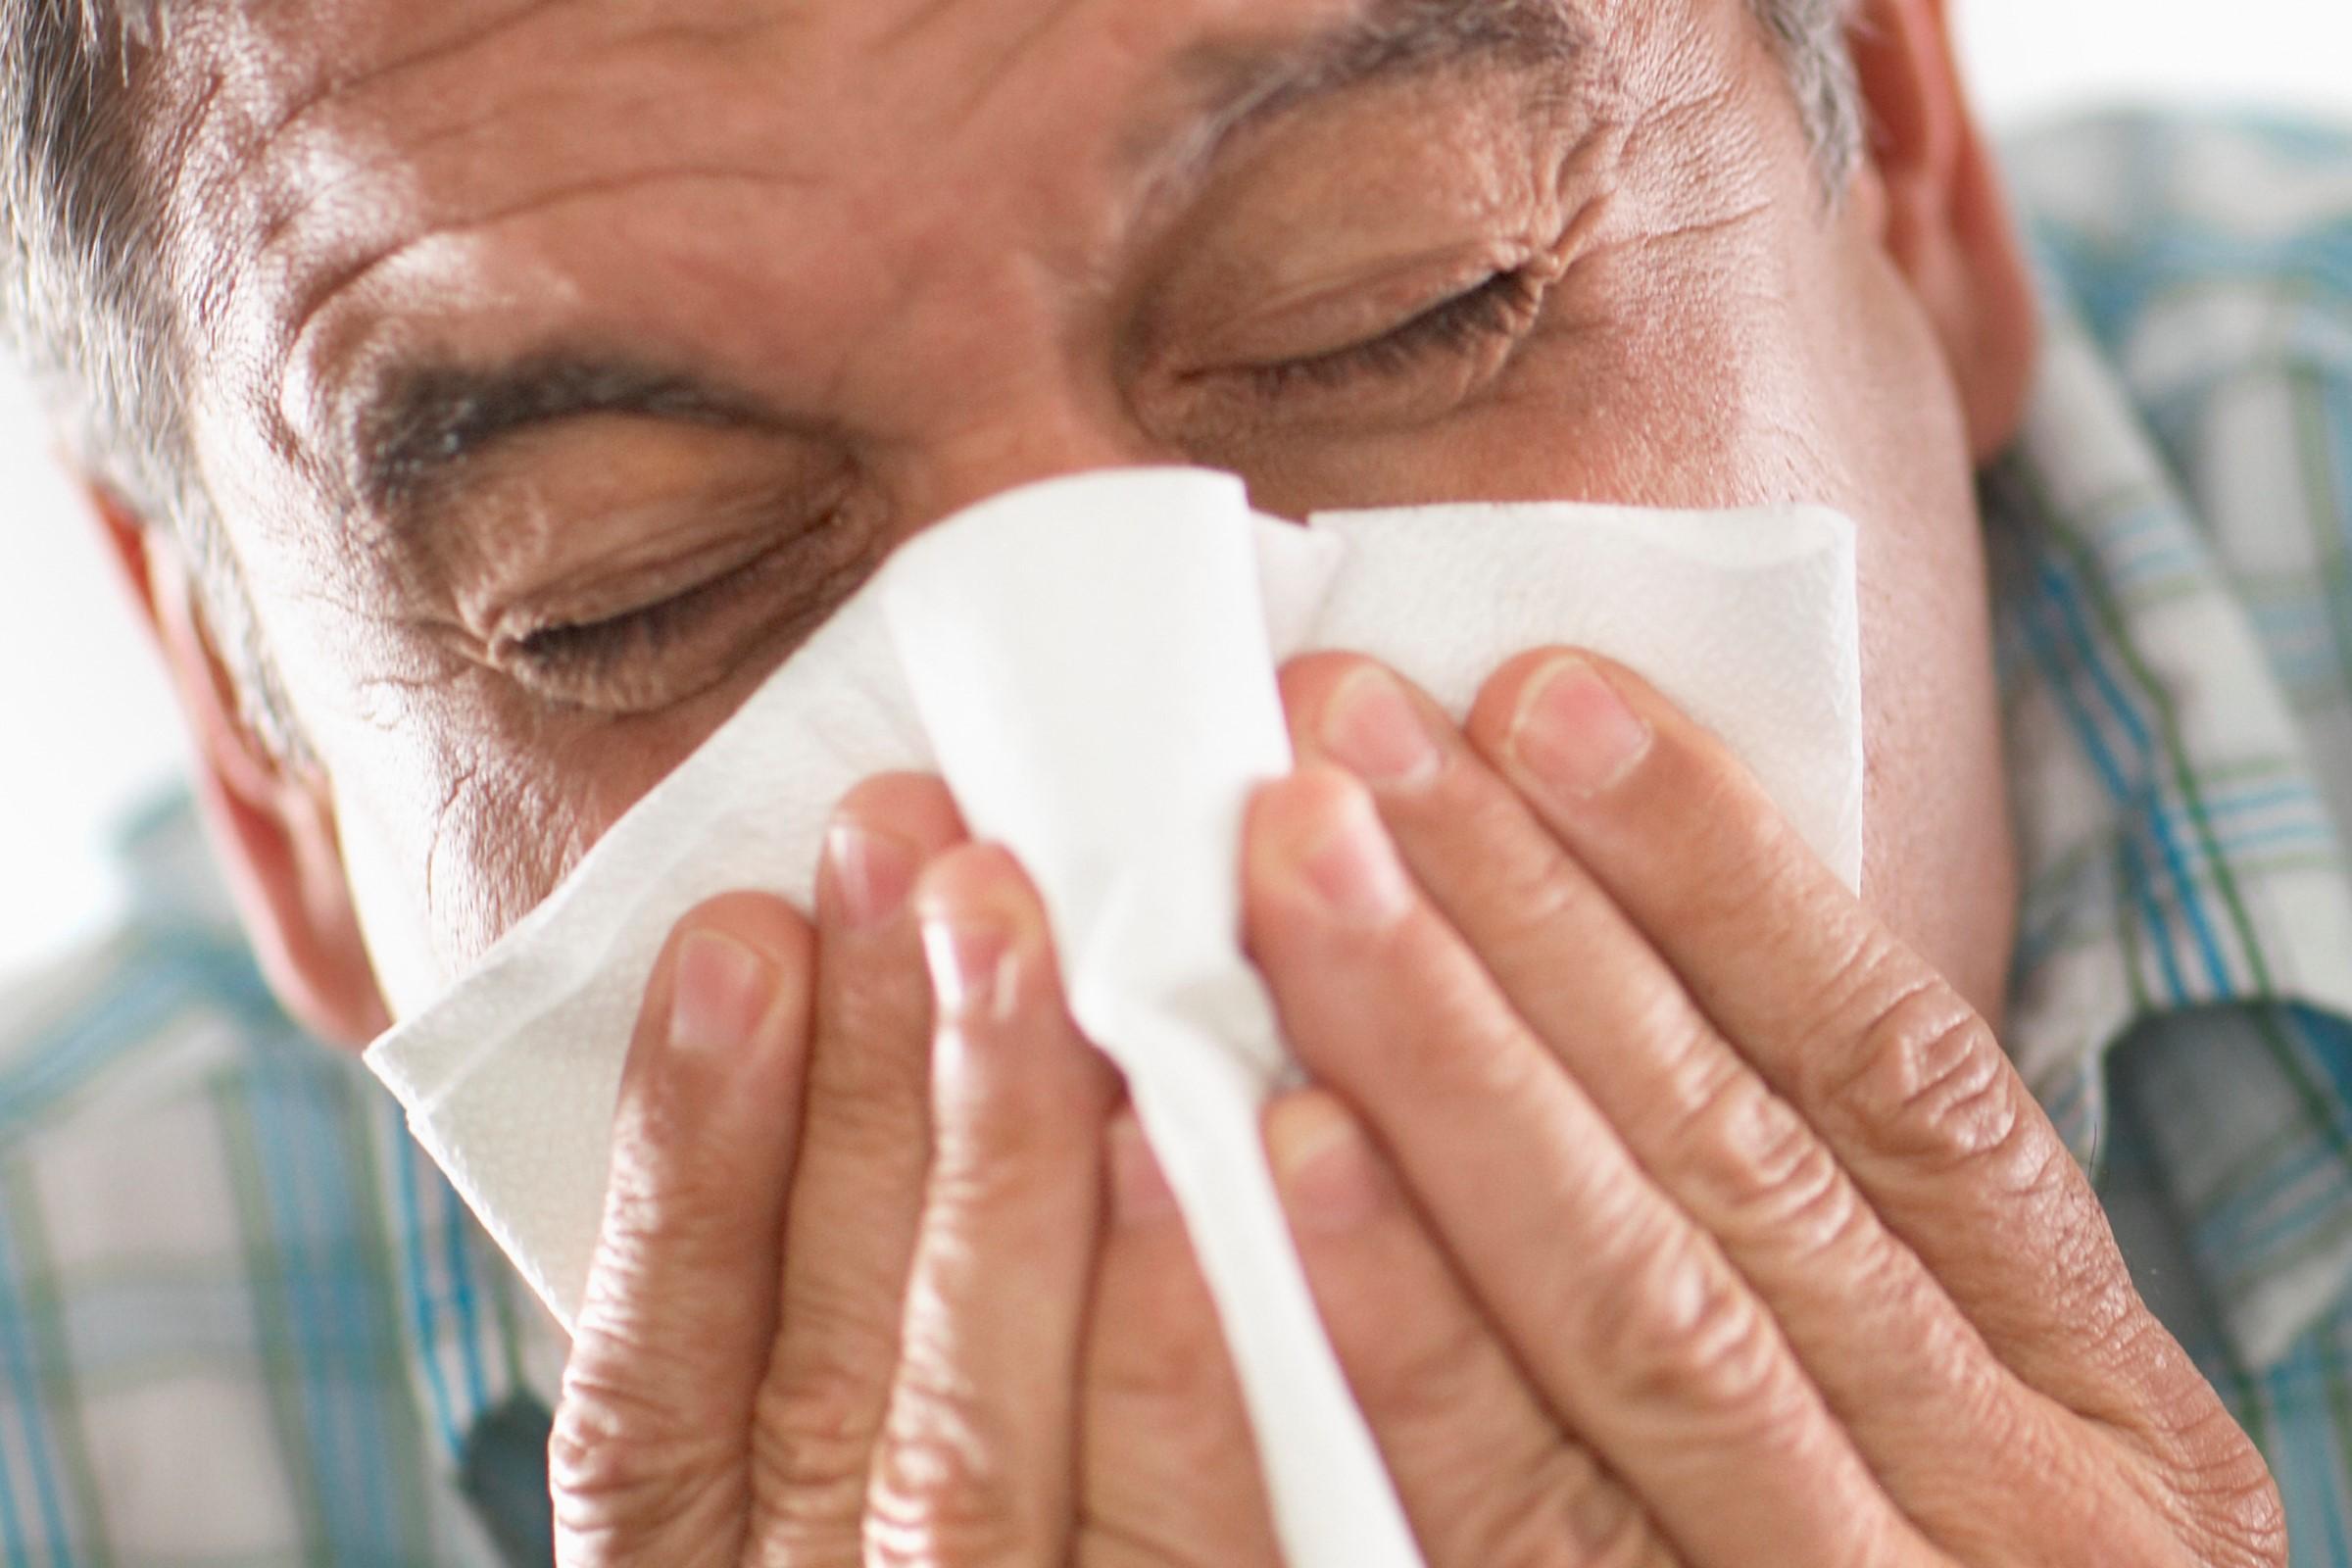 Lungebetennelse er en infeksjonen som skaper betennelse i lungene og gjør det vanskeligere å puste.